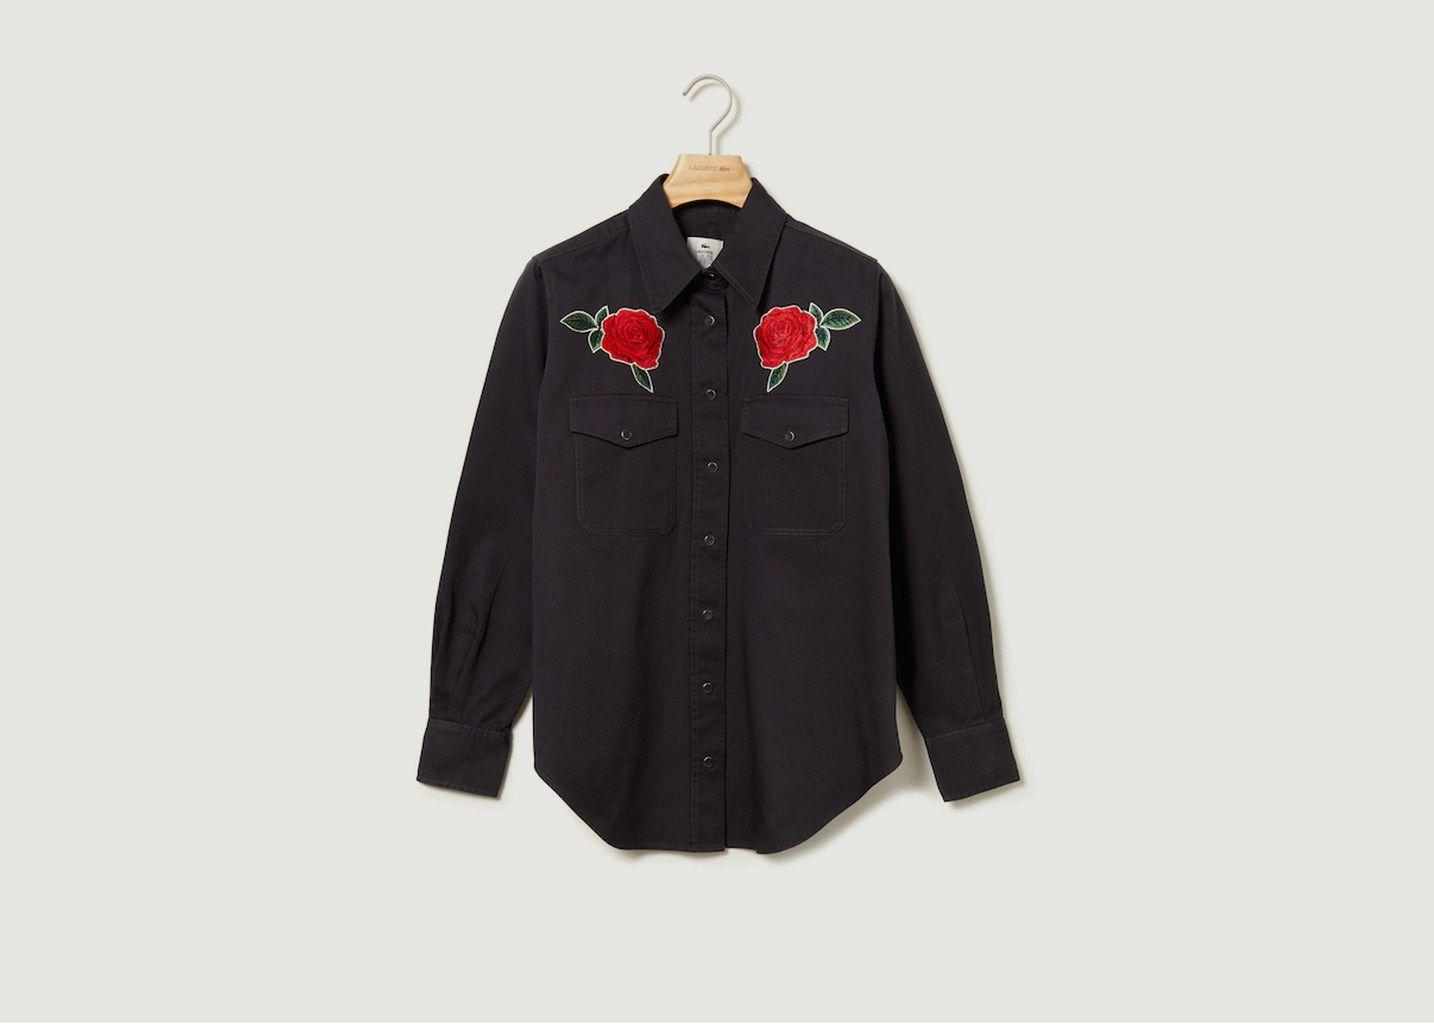 Chemise Avec Roses Brodées - Lacoste Live